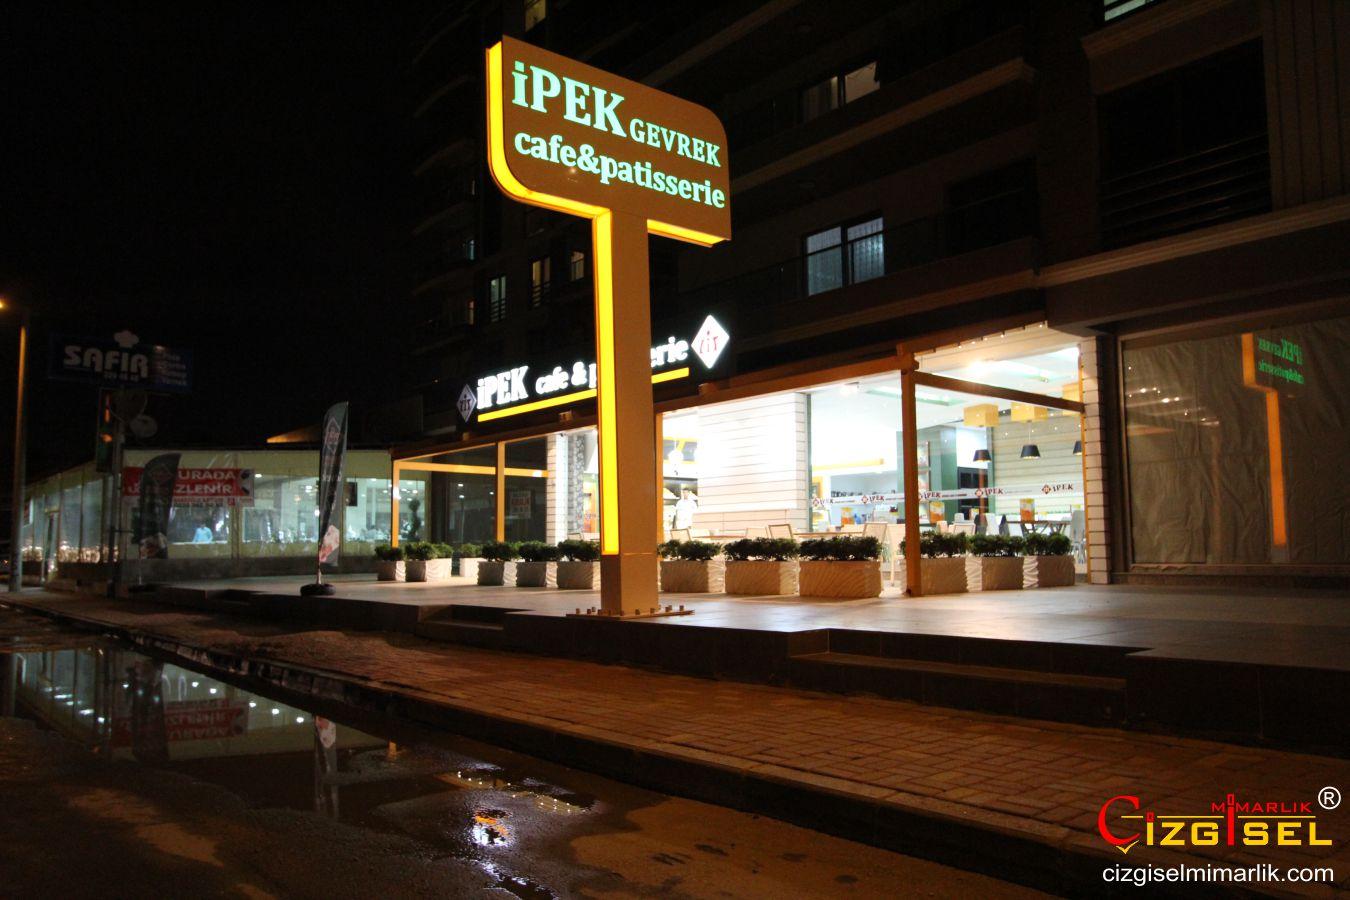 Ýpek Cafe & Patisserie 3